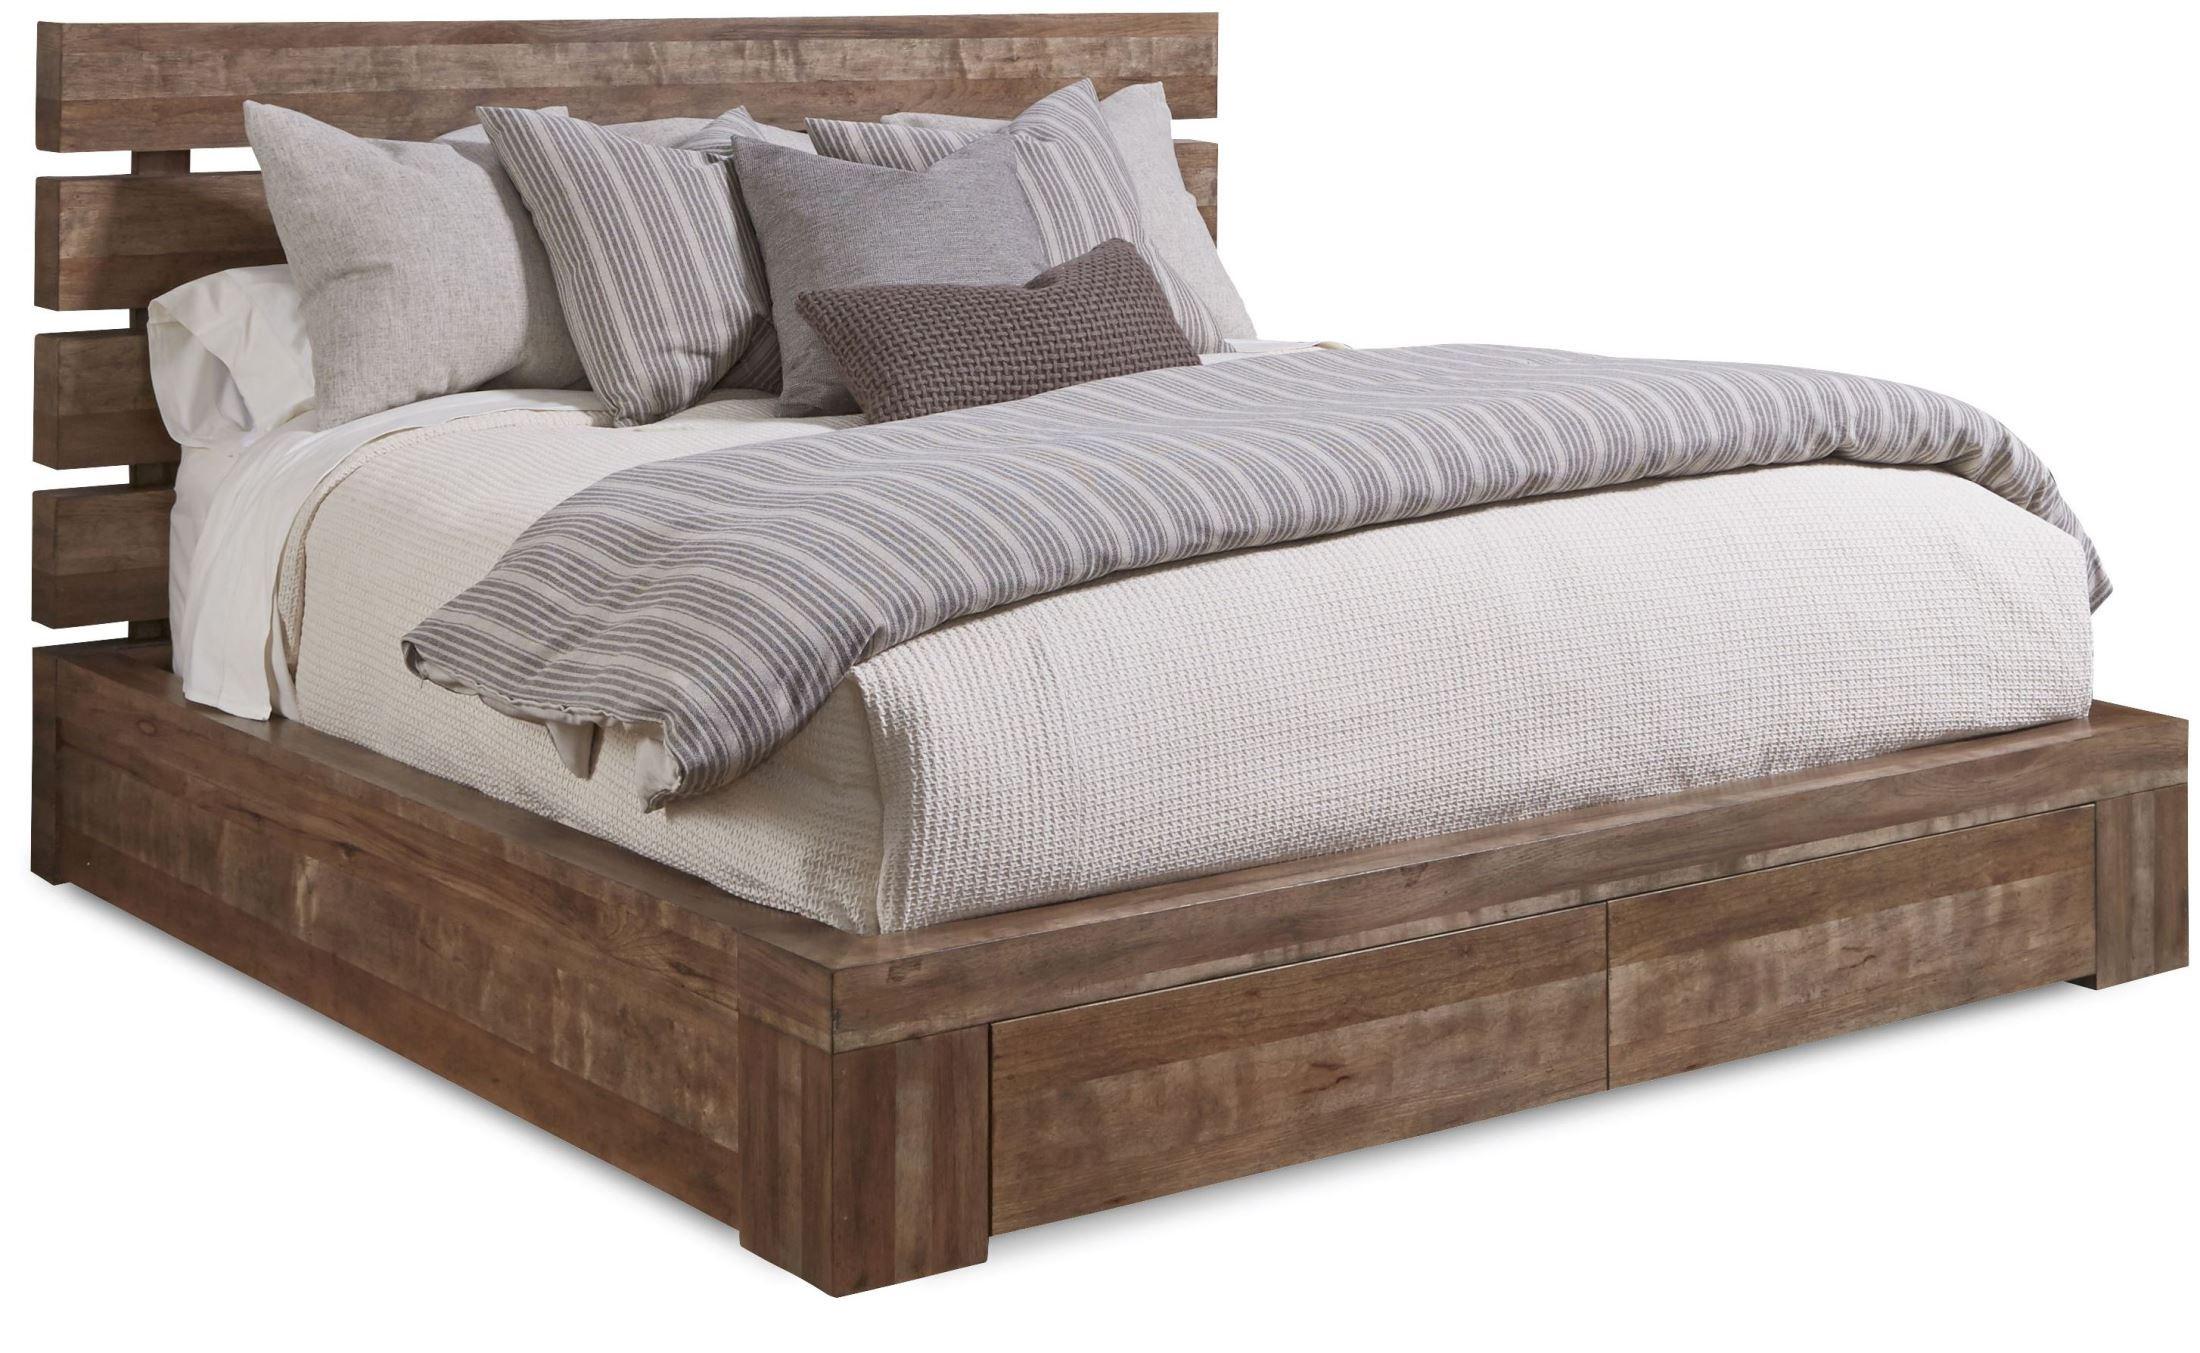 Epicenters Williamsburg Queen Platform Storage Bed from ART (223125-2302) | Coleman Furniture